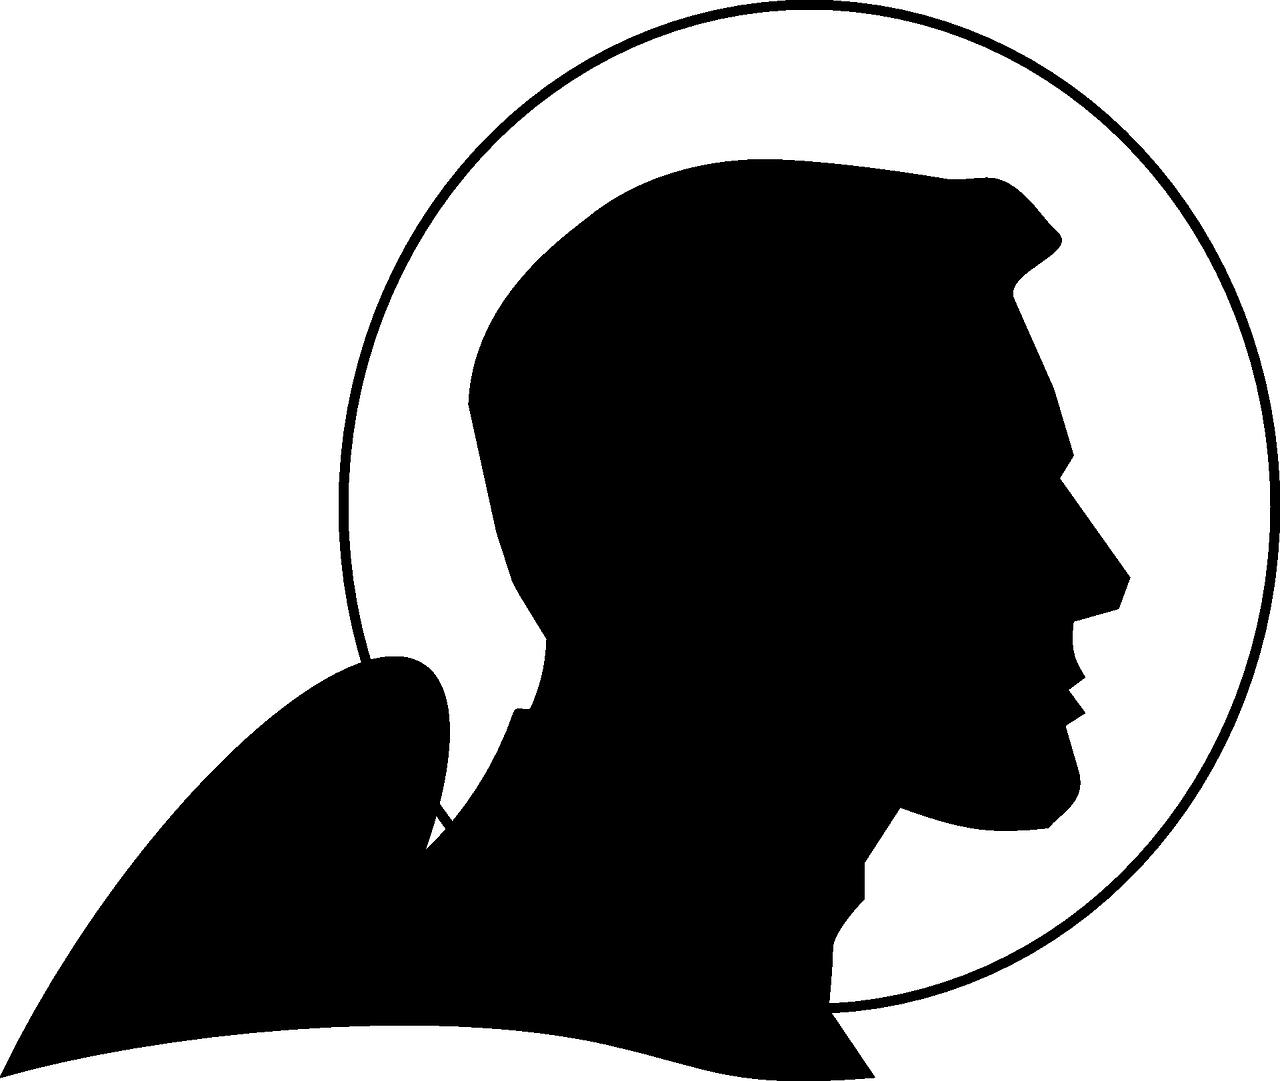 Человек картинка профиль